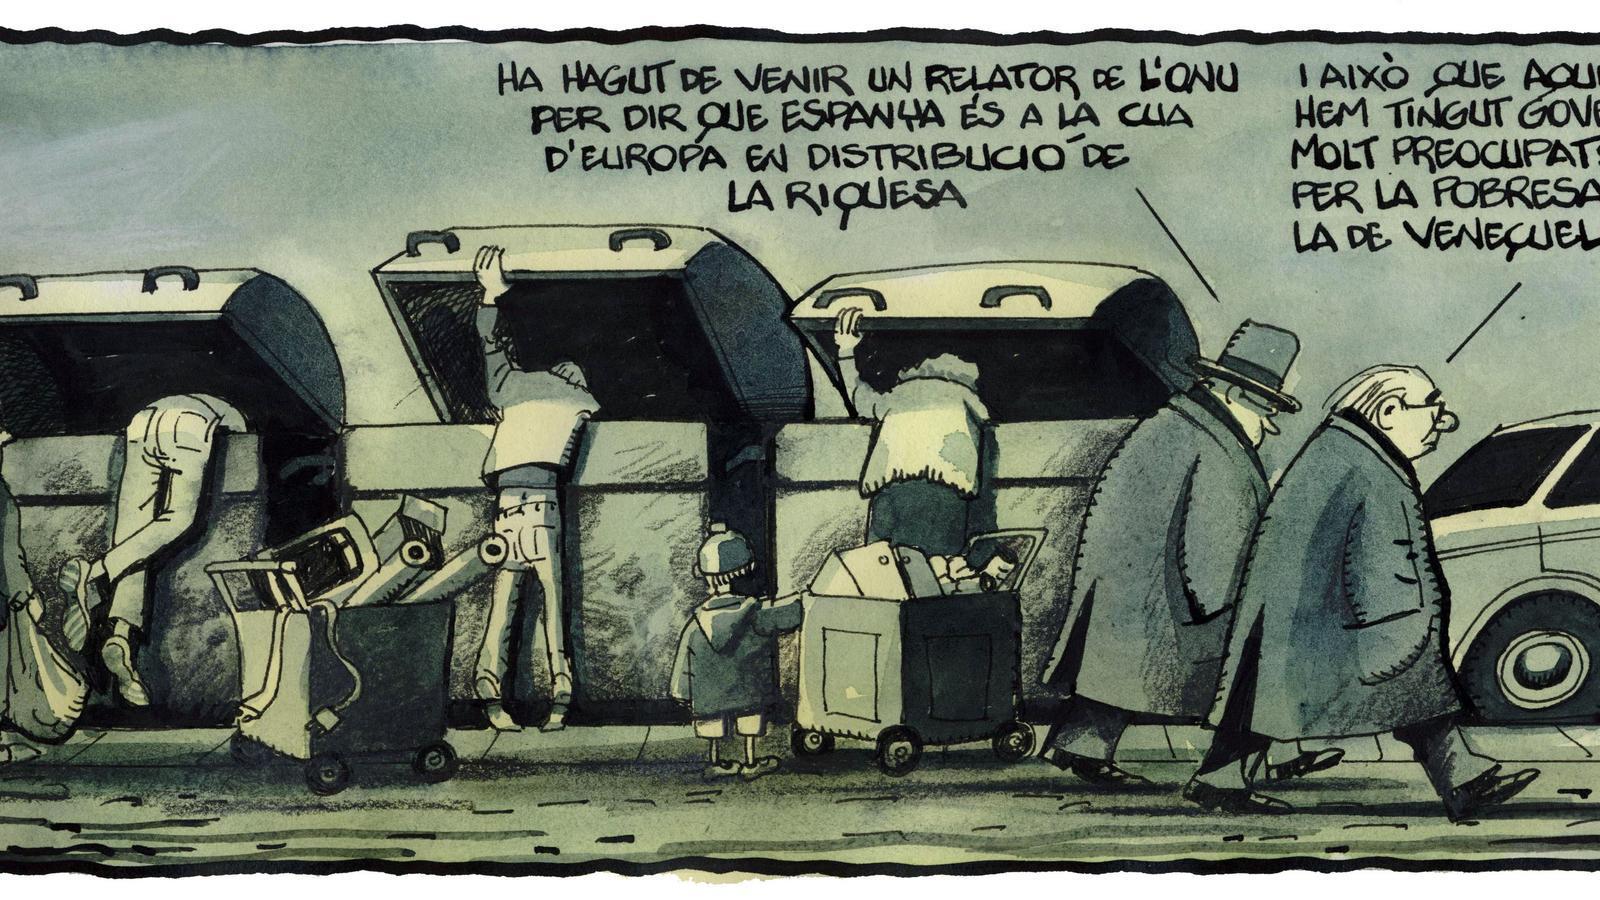 'A la contra', per Ferreres 19/02/2020